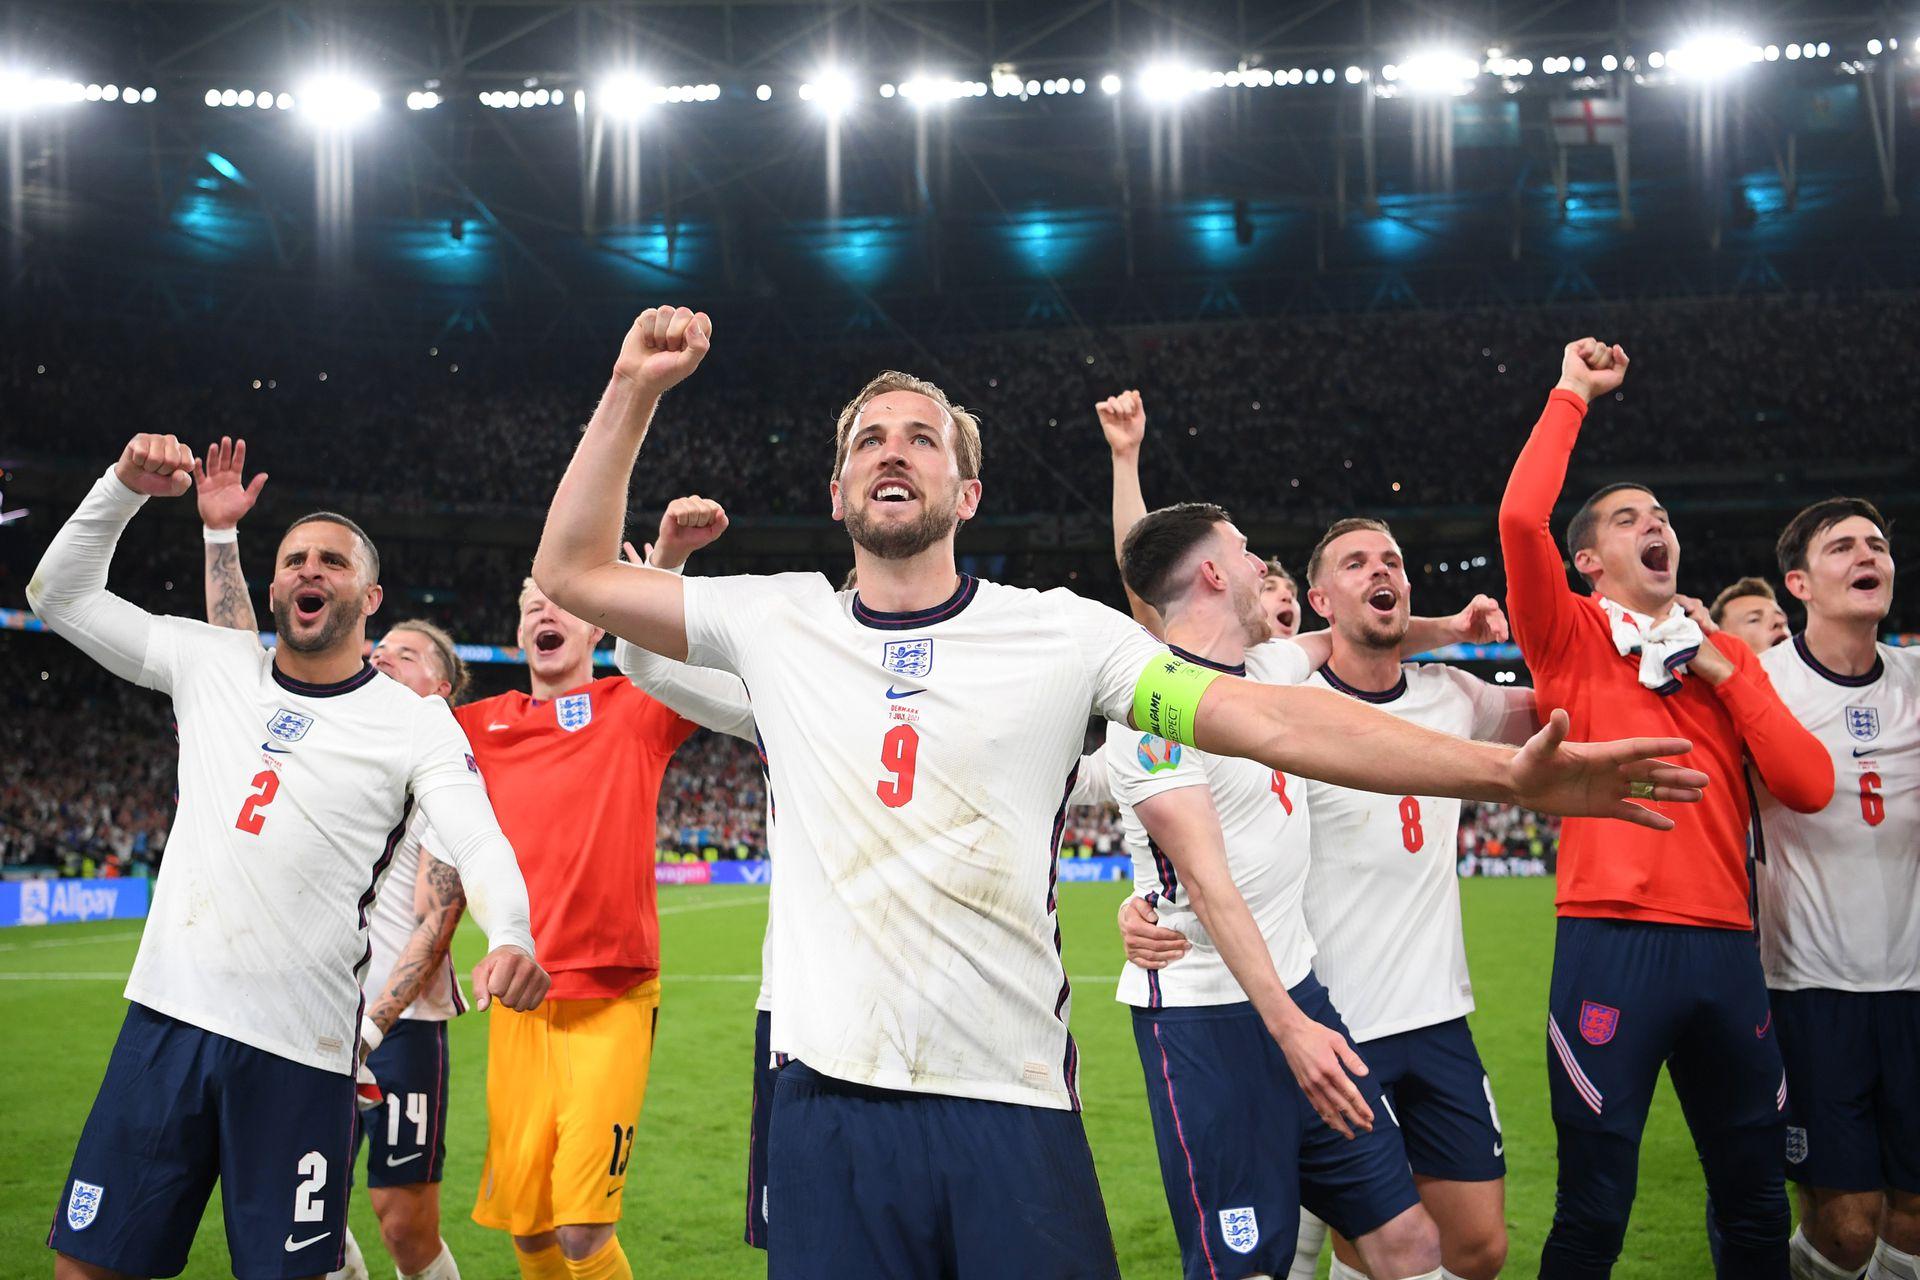 歐洲盃決賽在即 漫談足球與投資二三事